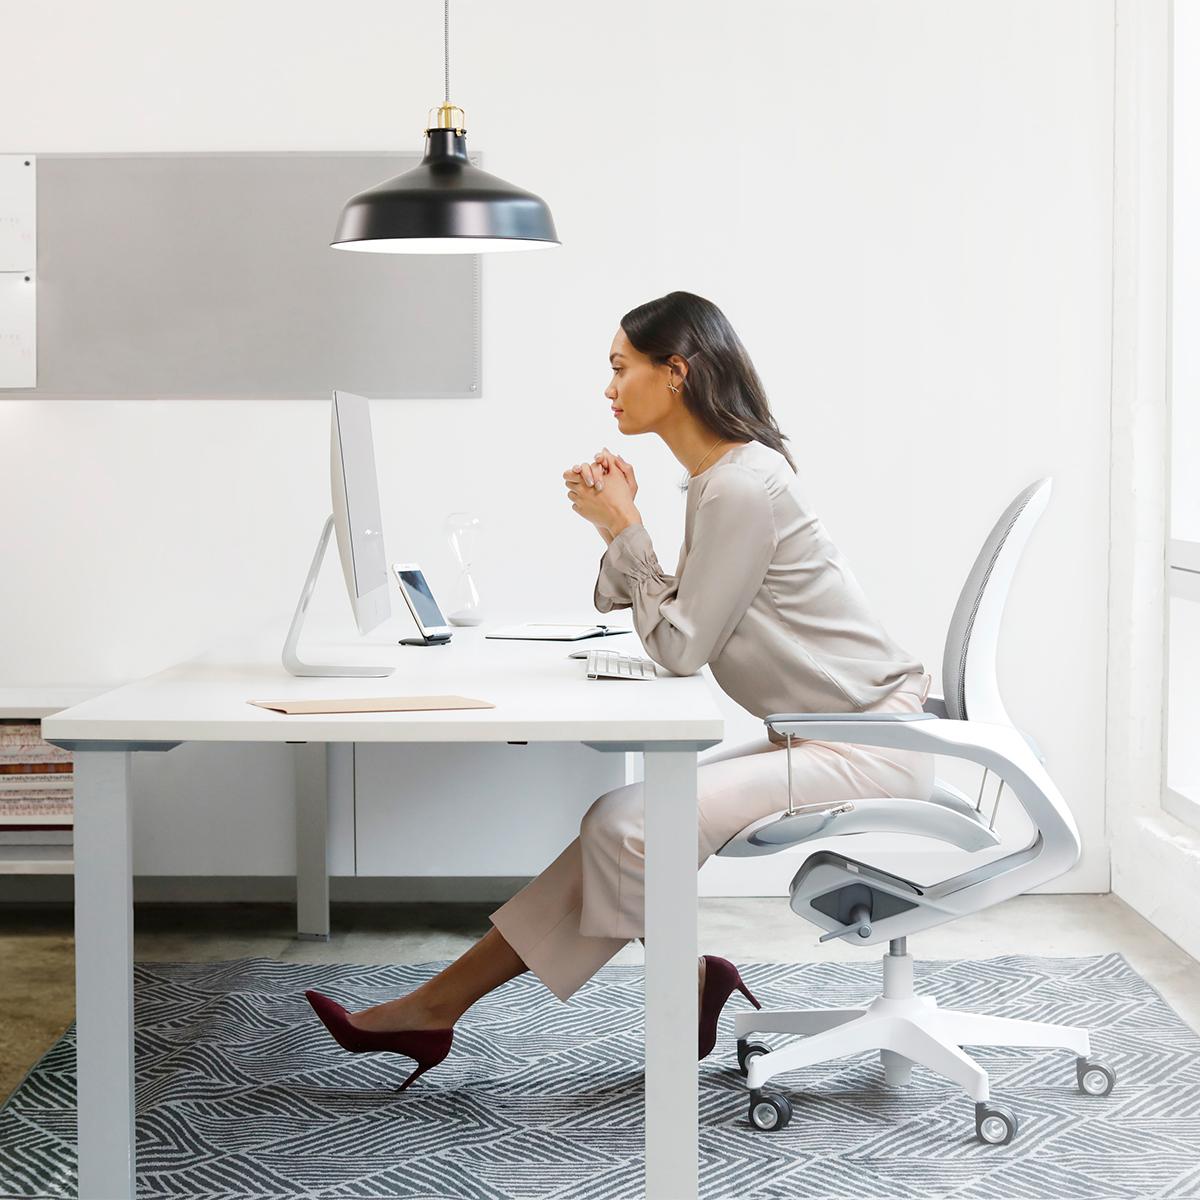 「気持ちいい姿勢」を意識しないでキープできる。座面が浮いてる次世代ワーキングチェア|Elea Chair